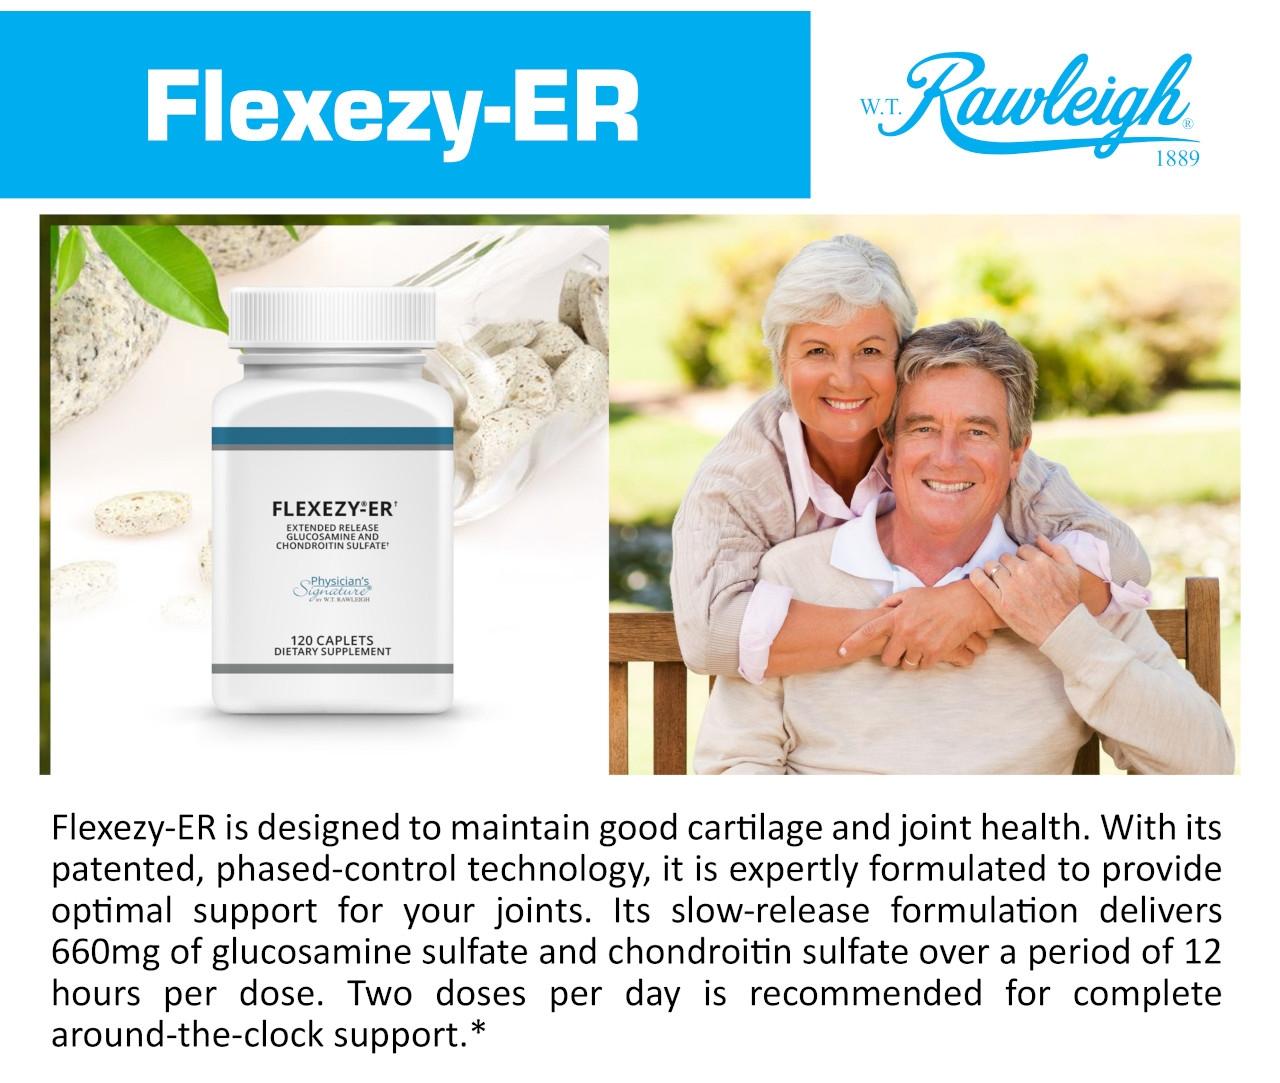 Save 10% Off Of Flexezy-ER!